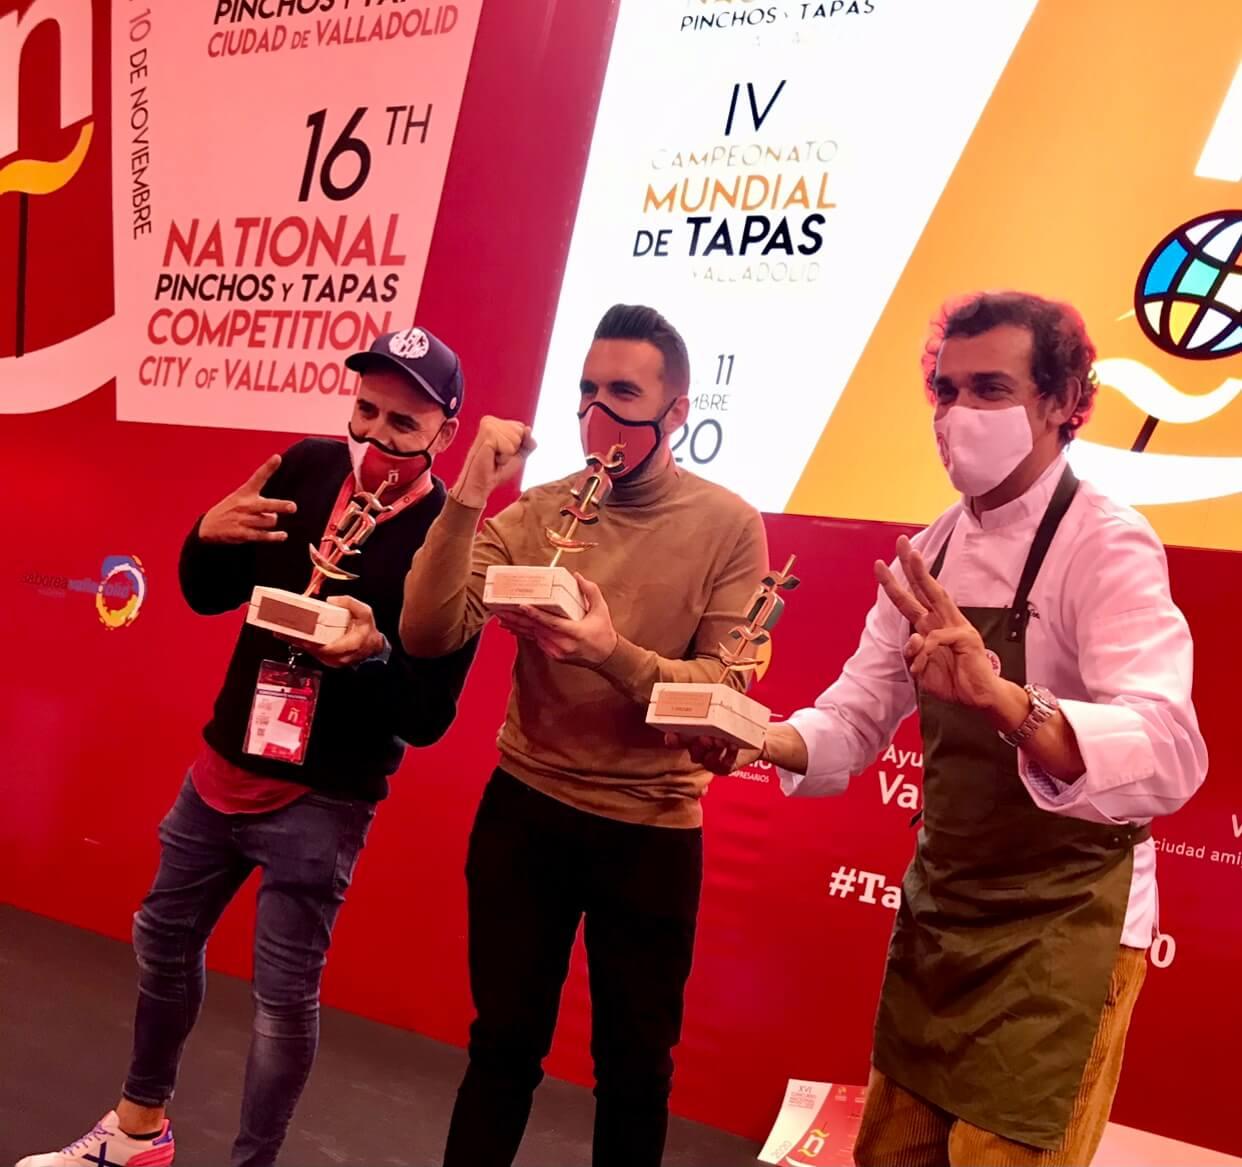 Chefs de las tapas ganadoras Valladolid 2020